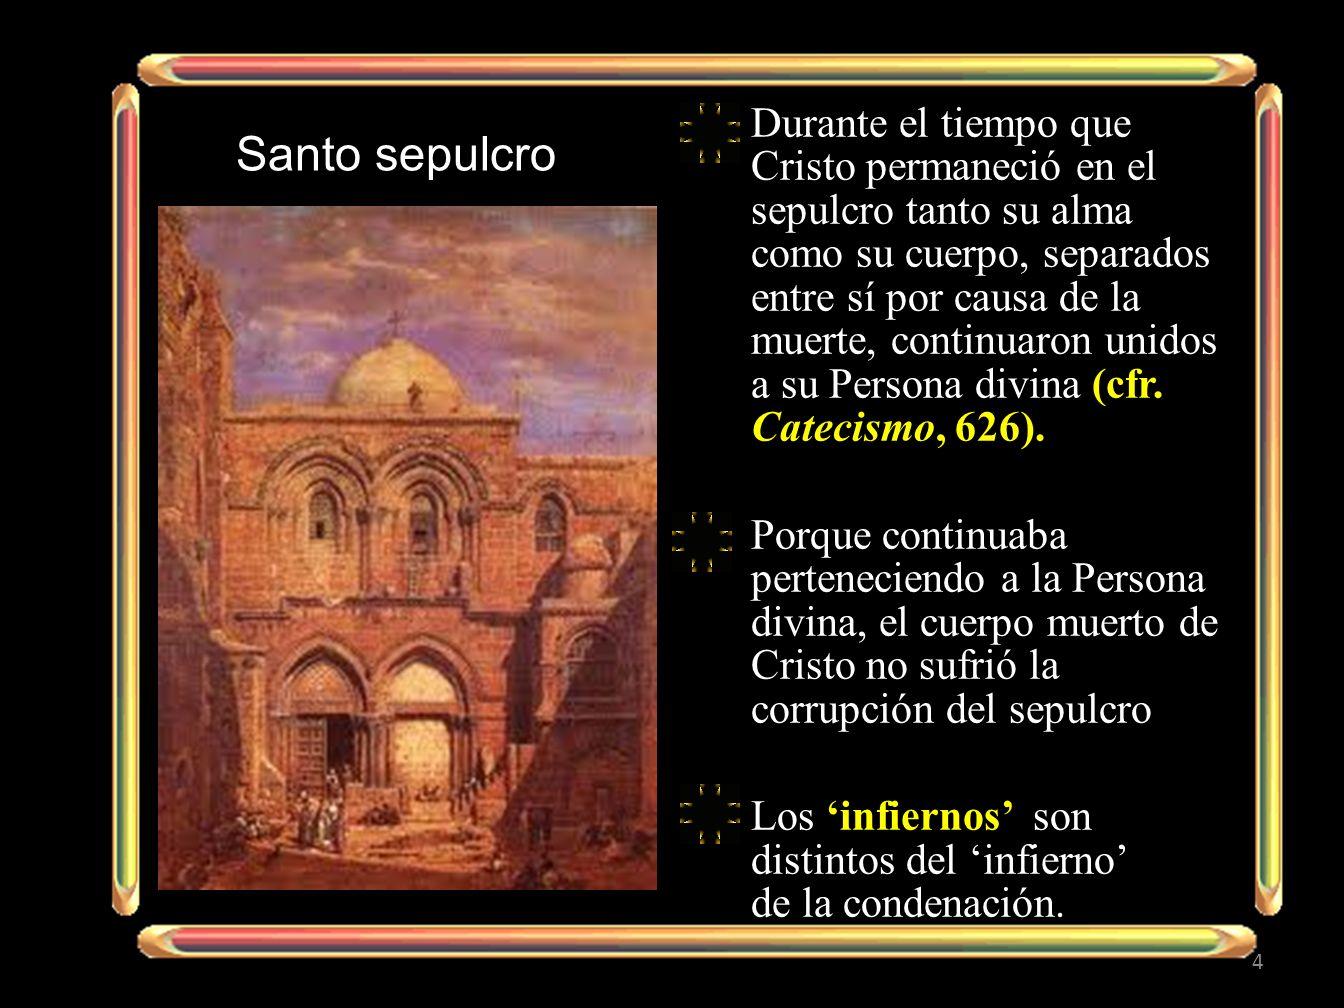 Durante el tiempo que Cristo permaneció en el sepulcro tanto su alma como su cuerpo, separados entre sí por causa de la muerte, continuaron unidos a s